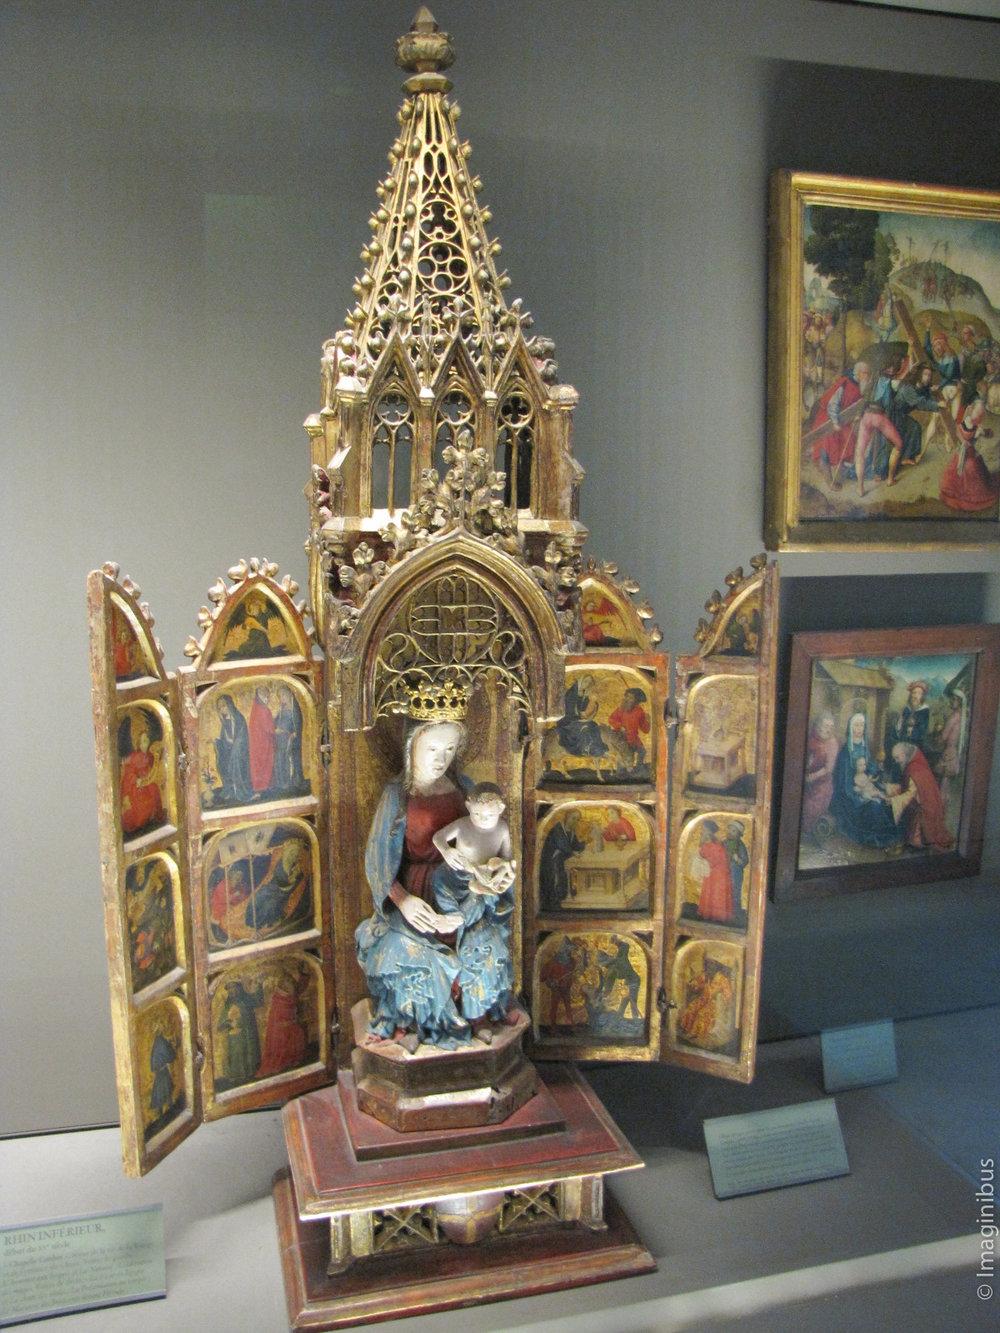 Chapelle Cardon Louvre